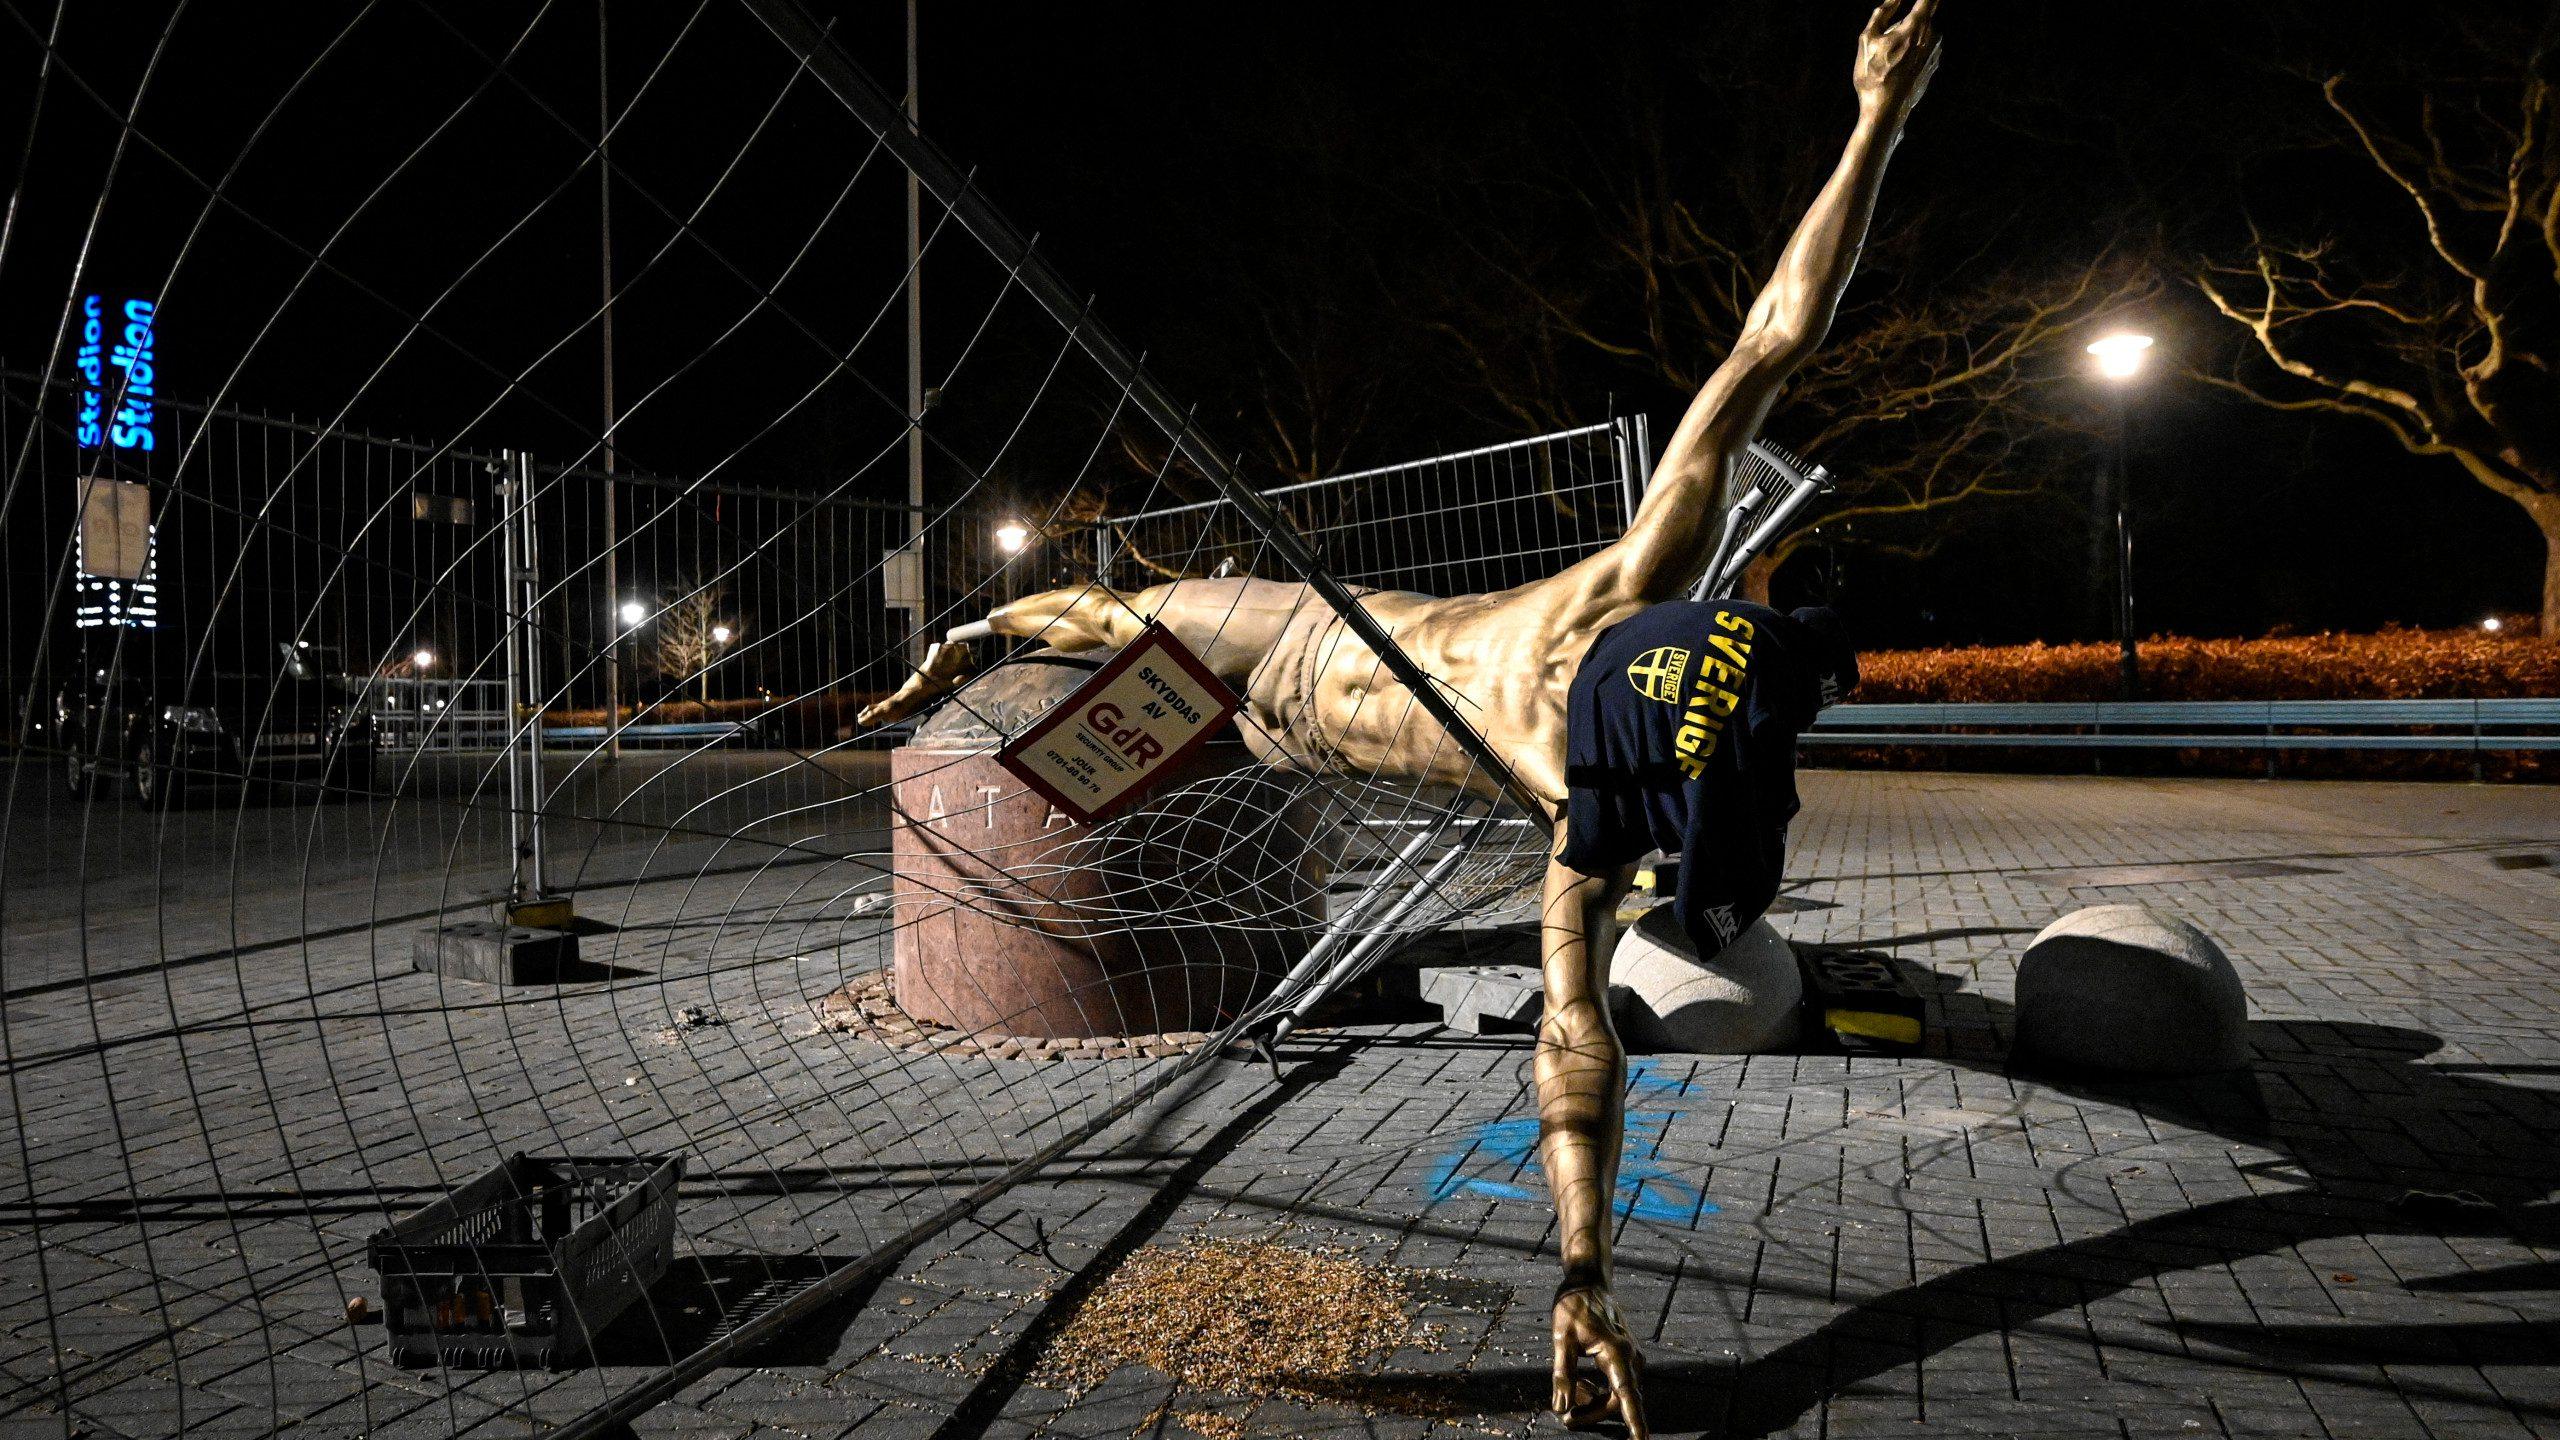 ไม่เหลือซาก!รูปปั้น ซลาตัน ถูกรื้อถอนหลังโดนพังยับ